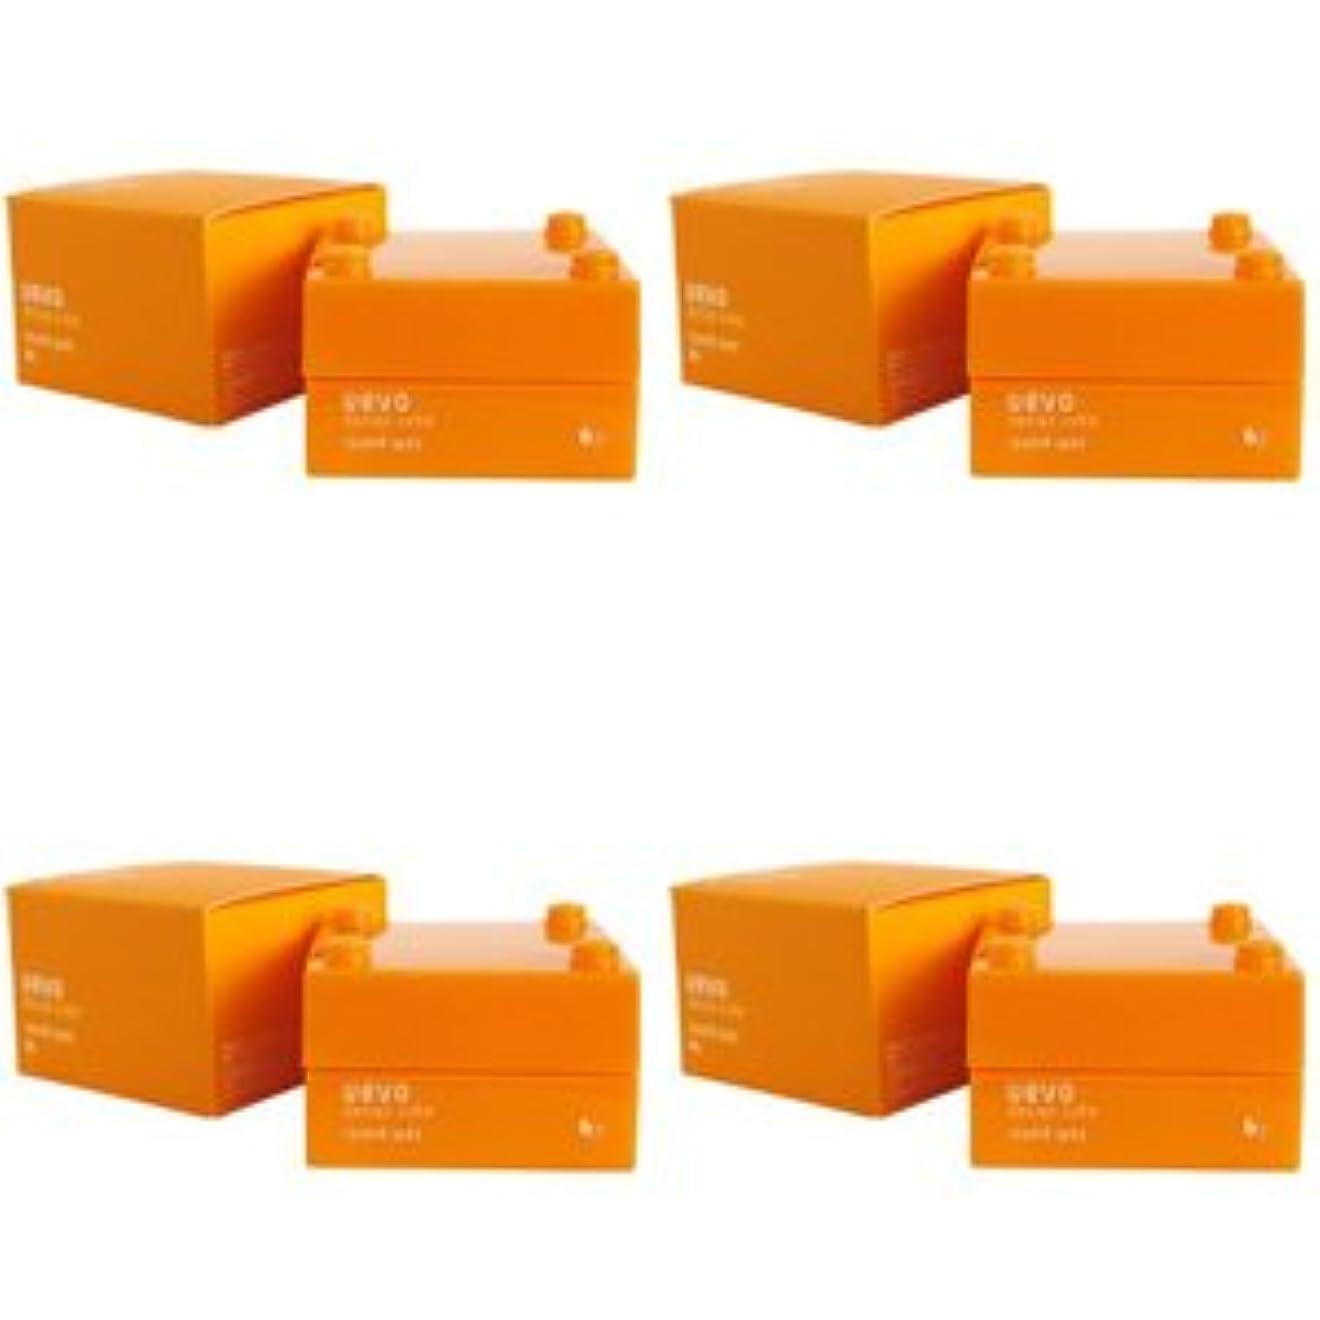 目に見えるロビー安心【X4個セット】 デミ ウェーボ デザインキューブ ラウンドワックス 30g round wax DEMI uevo design cube